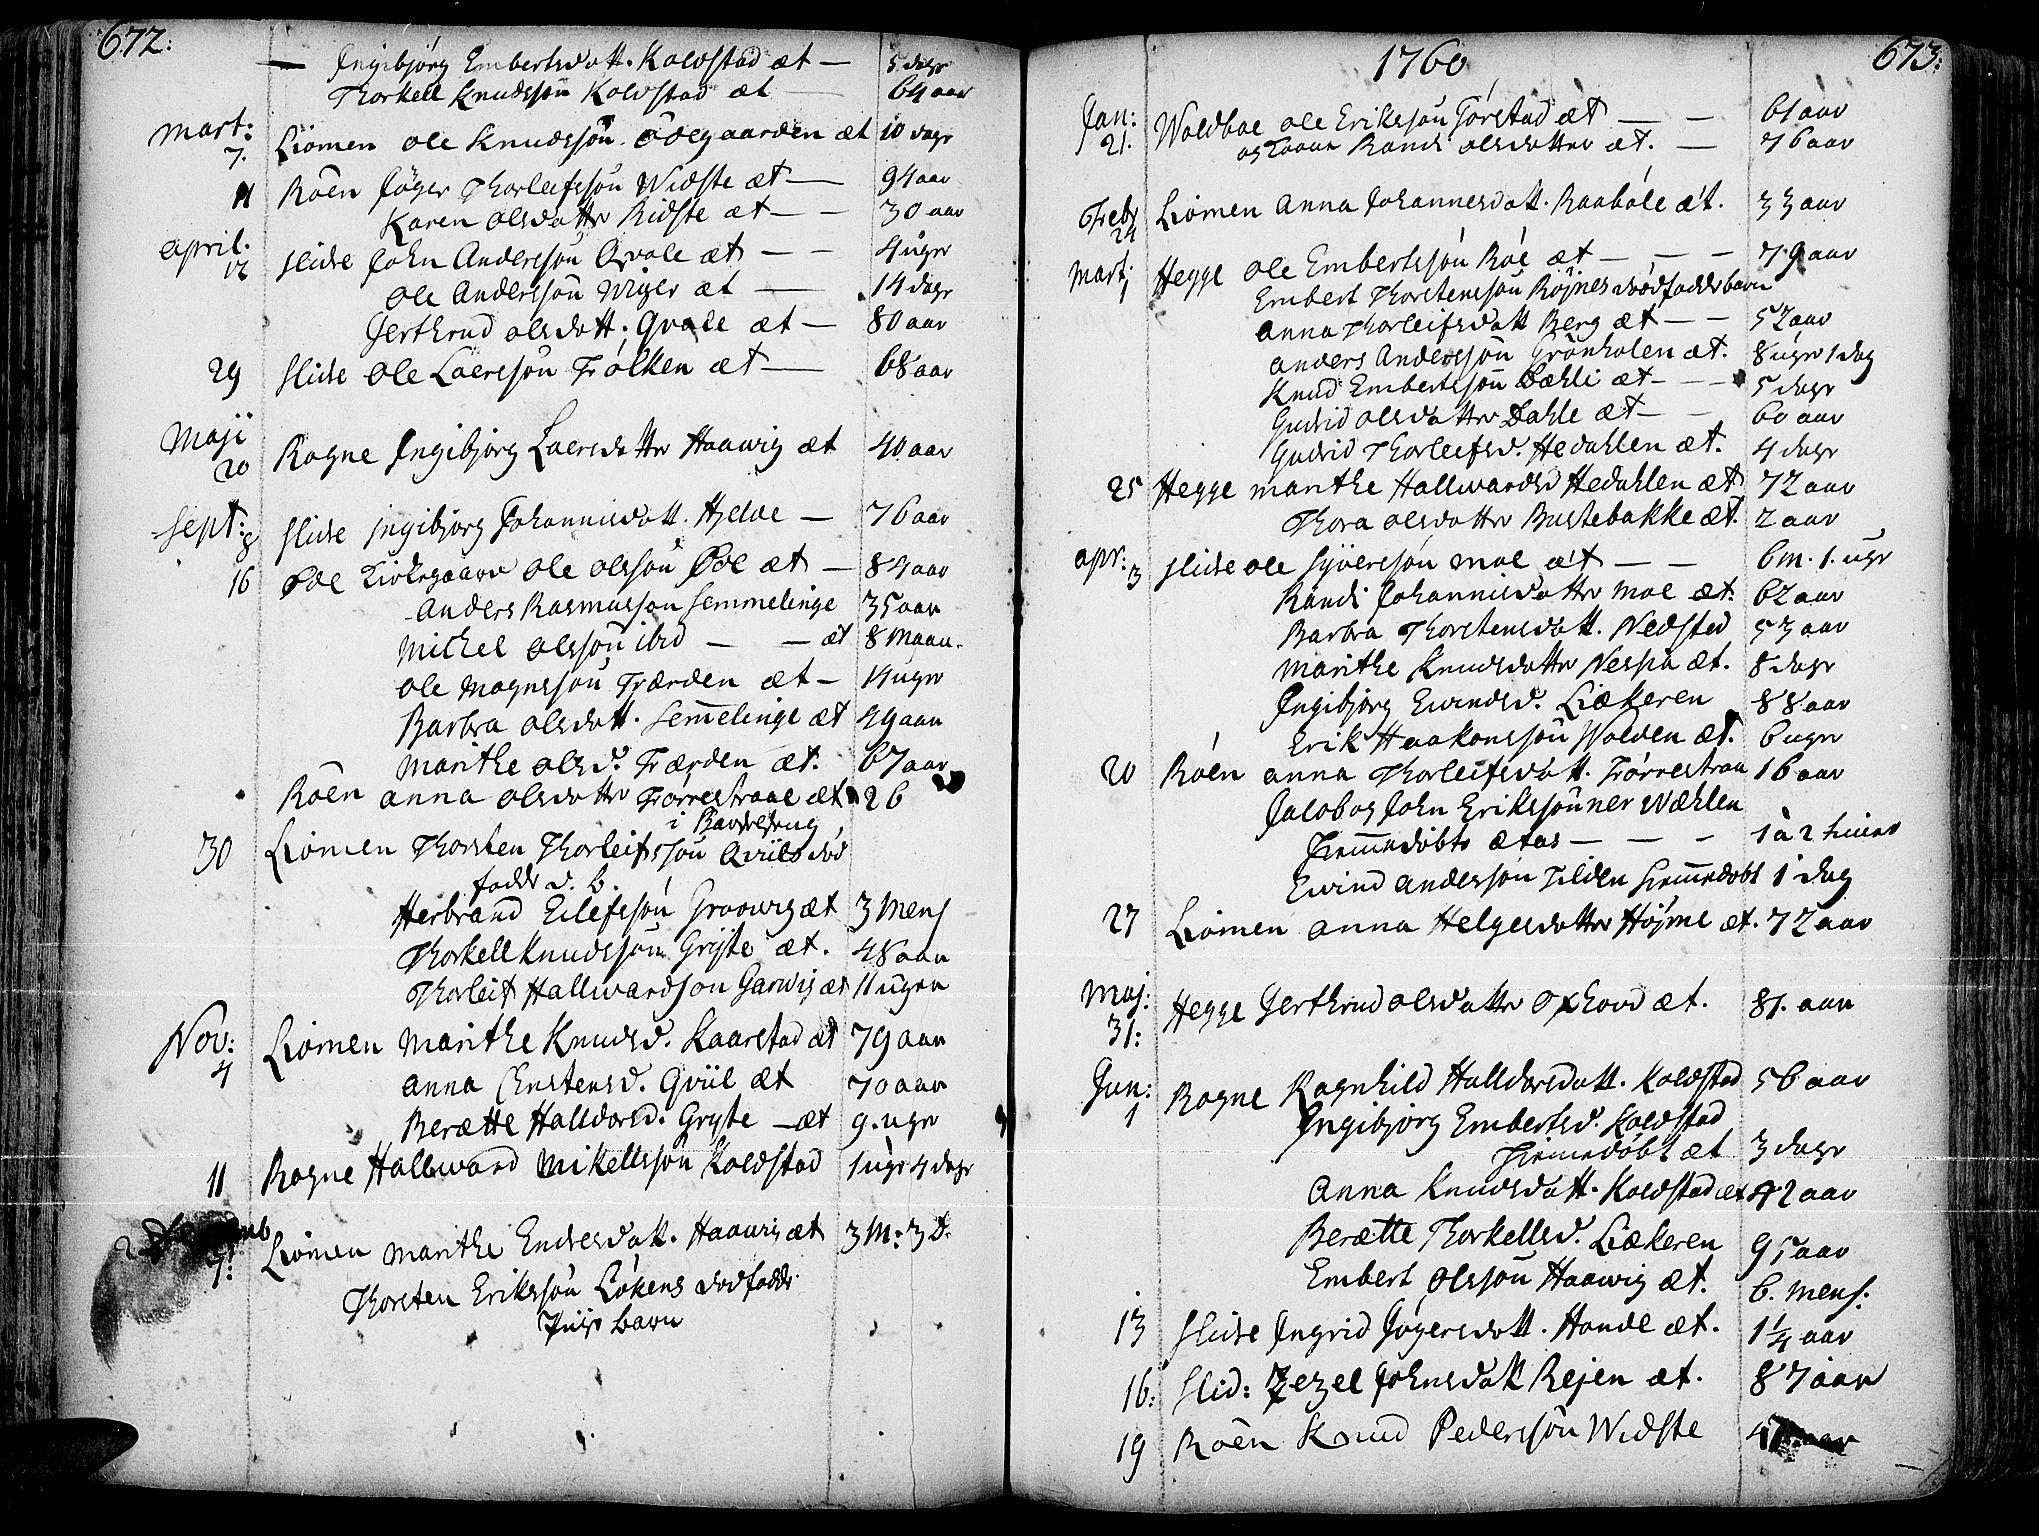 SAH, Slidre prestekontor, Ministerialbok nr. 1, 1724-1814, s. 672-673